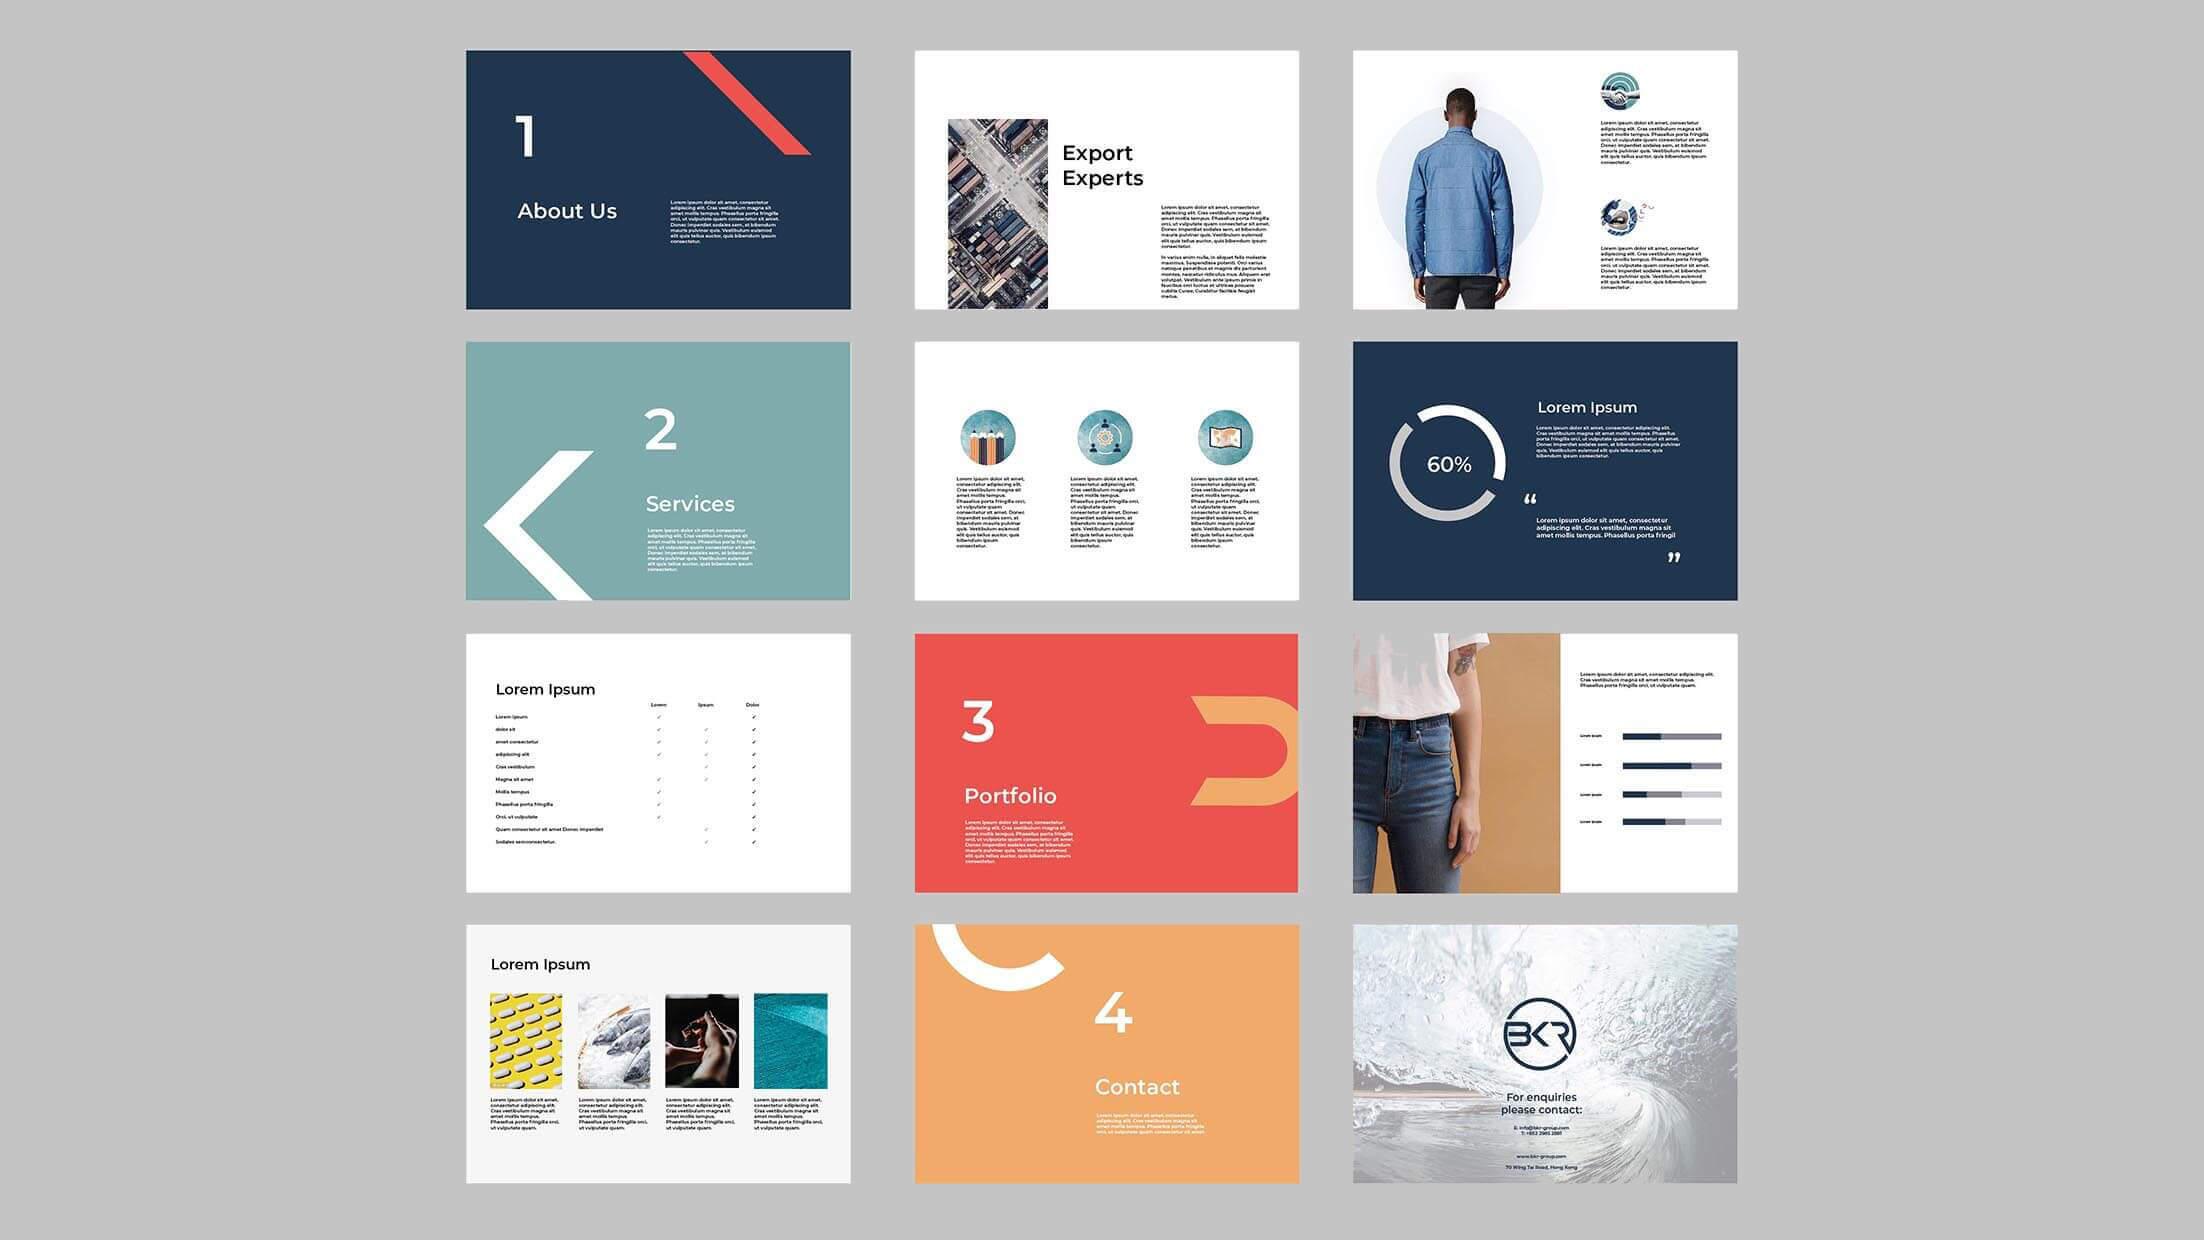 BKR_Presentation_Deck_Design_Powerpoint.jpg